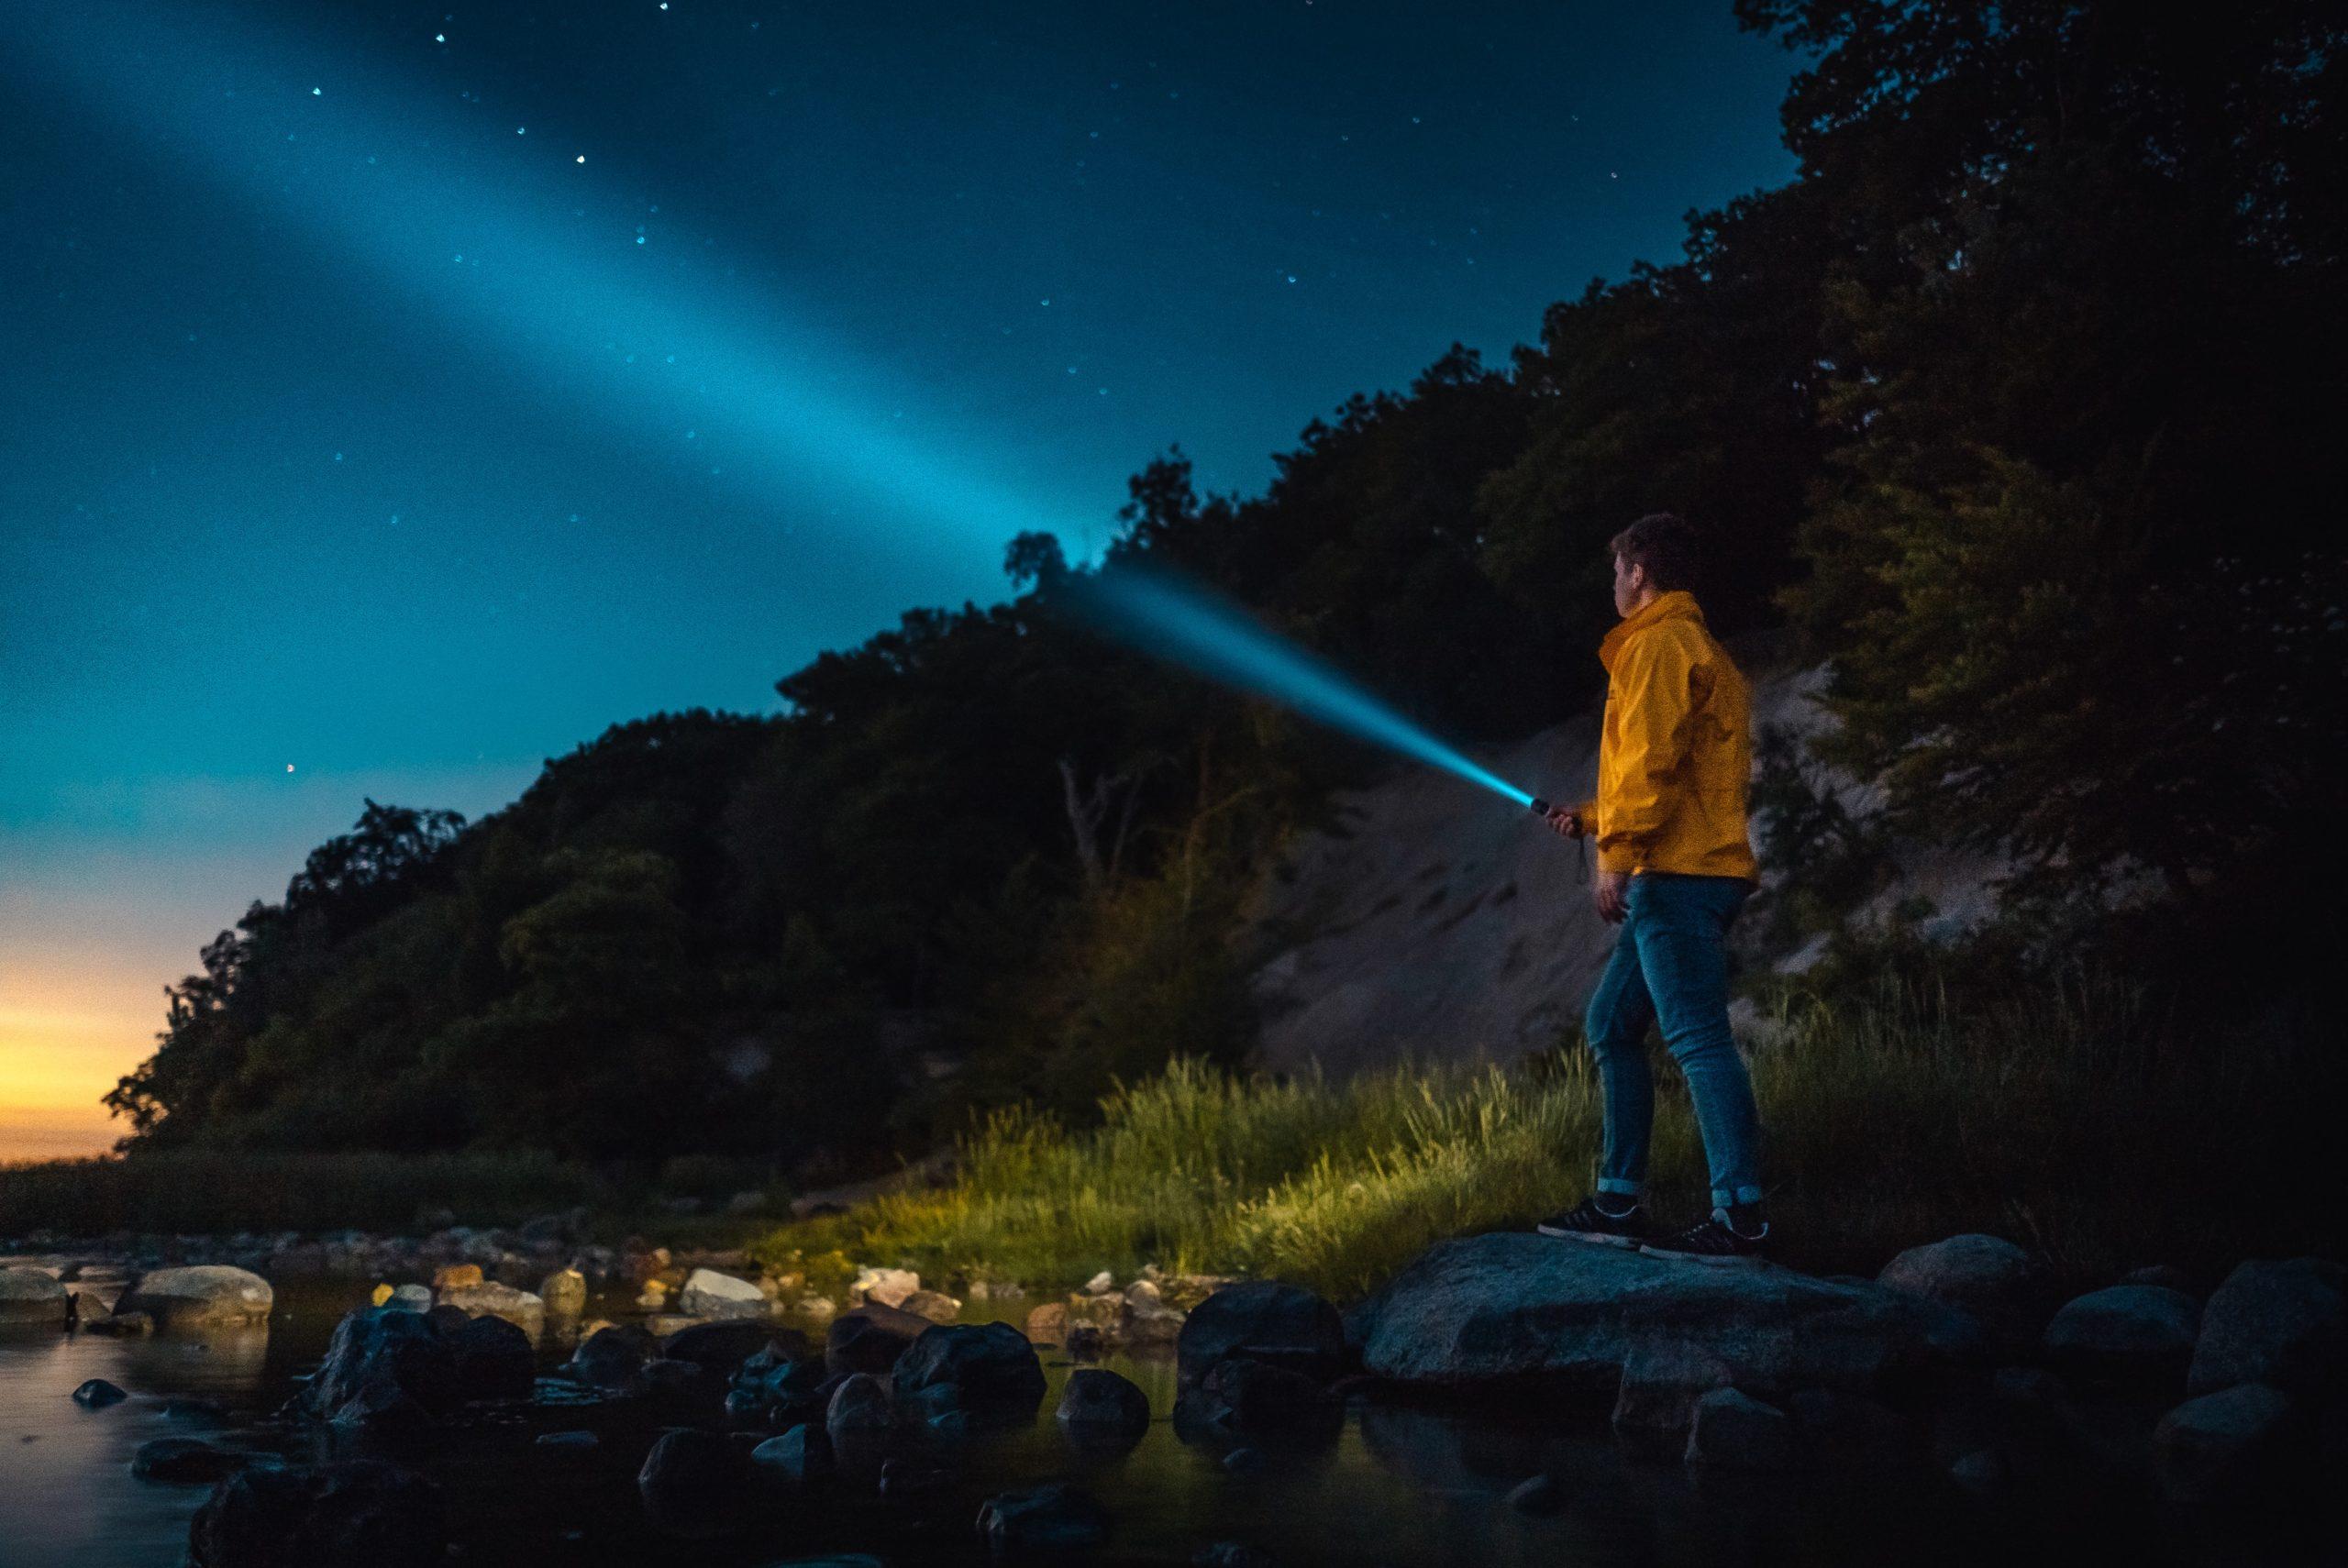 Рейтинг лучших аккумуляторных фонарей на 2021 год